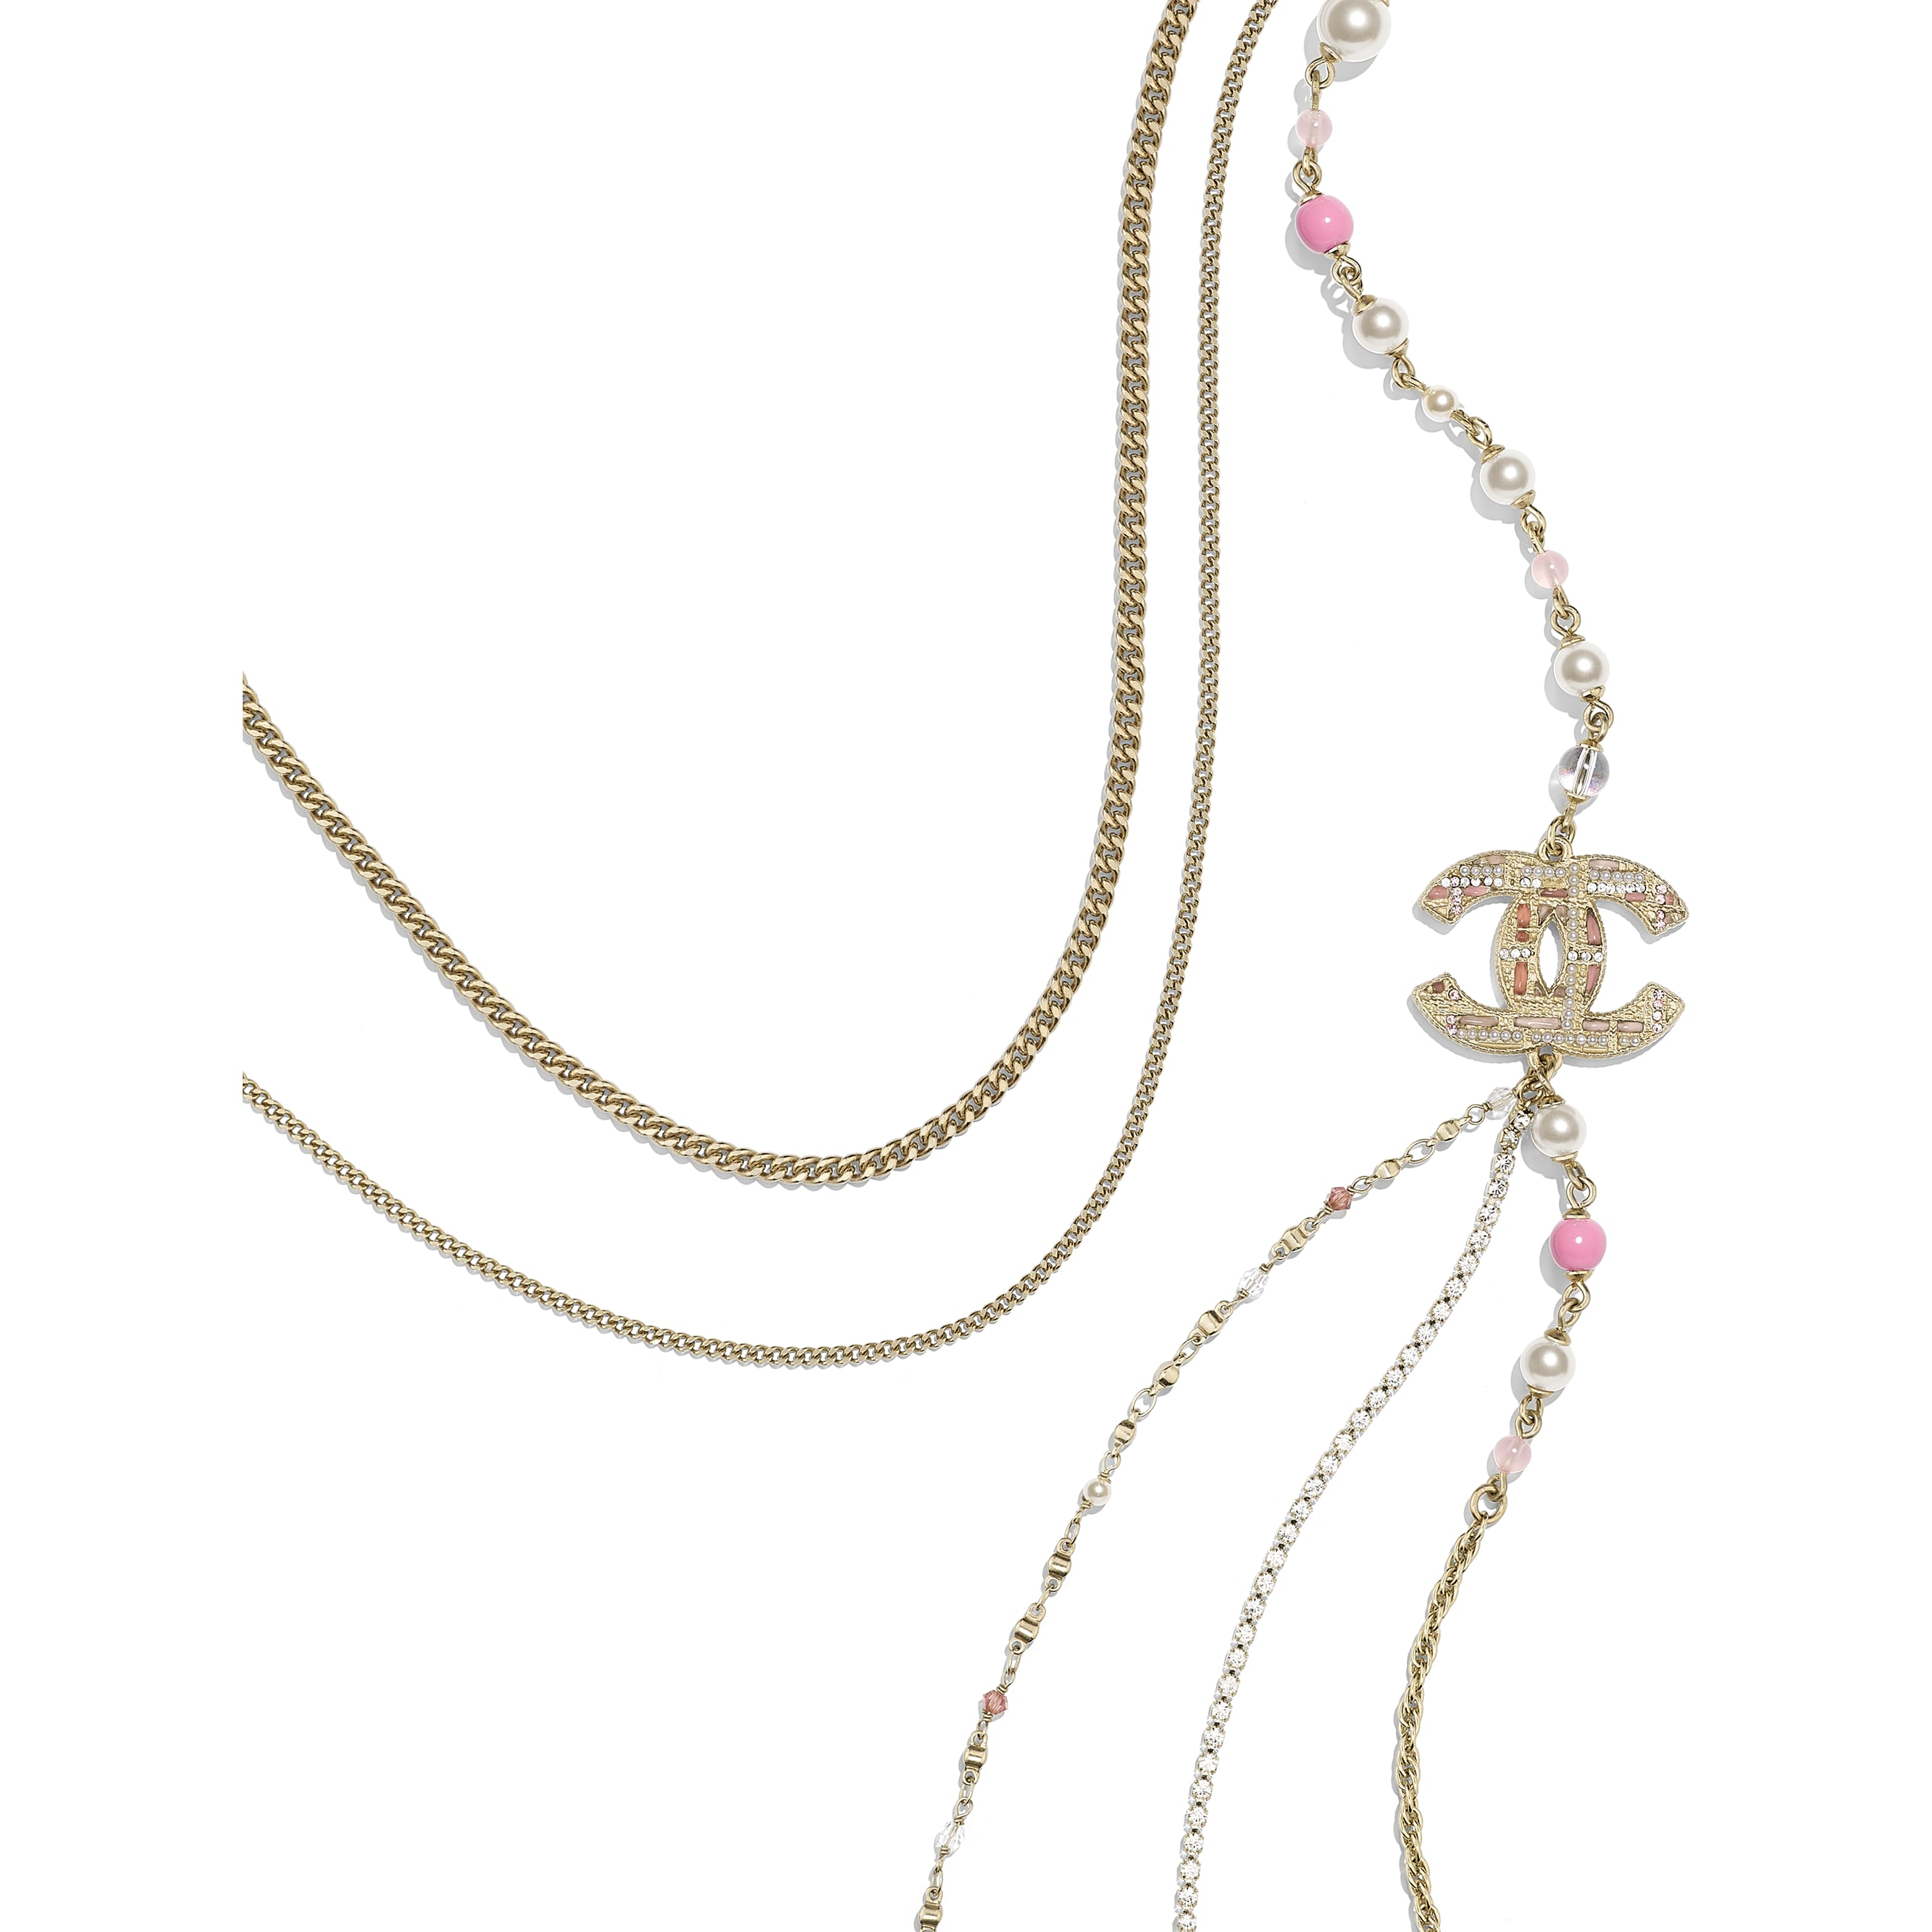 Длинное колье - Золотистый, жемчужно-белый и розовый - металл, жемчуг, стразы и смола - Альтернативный вид - посмотреть изображение стандартного размера